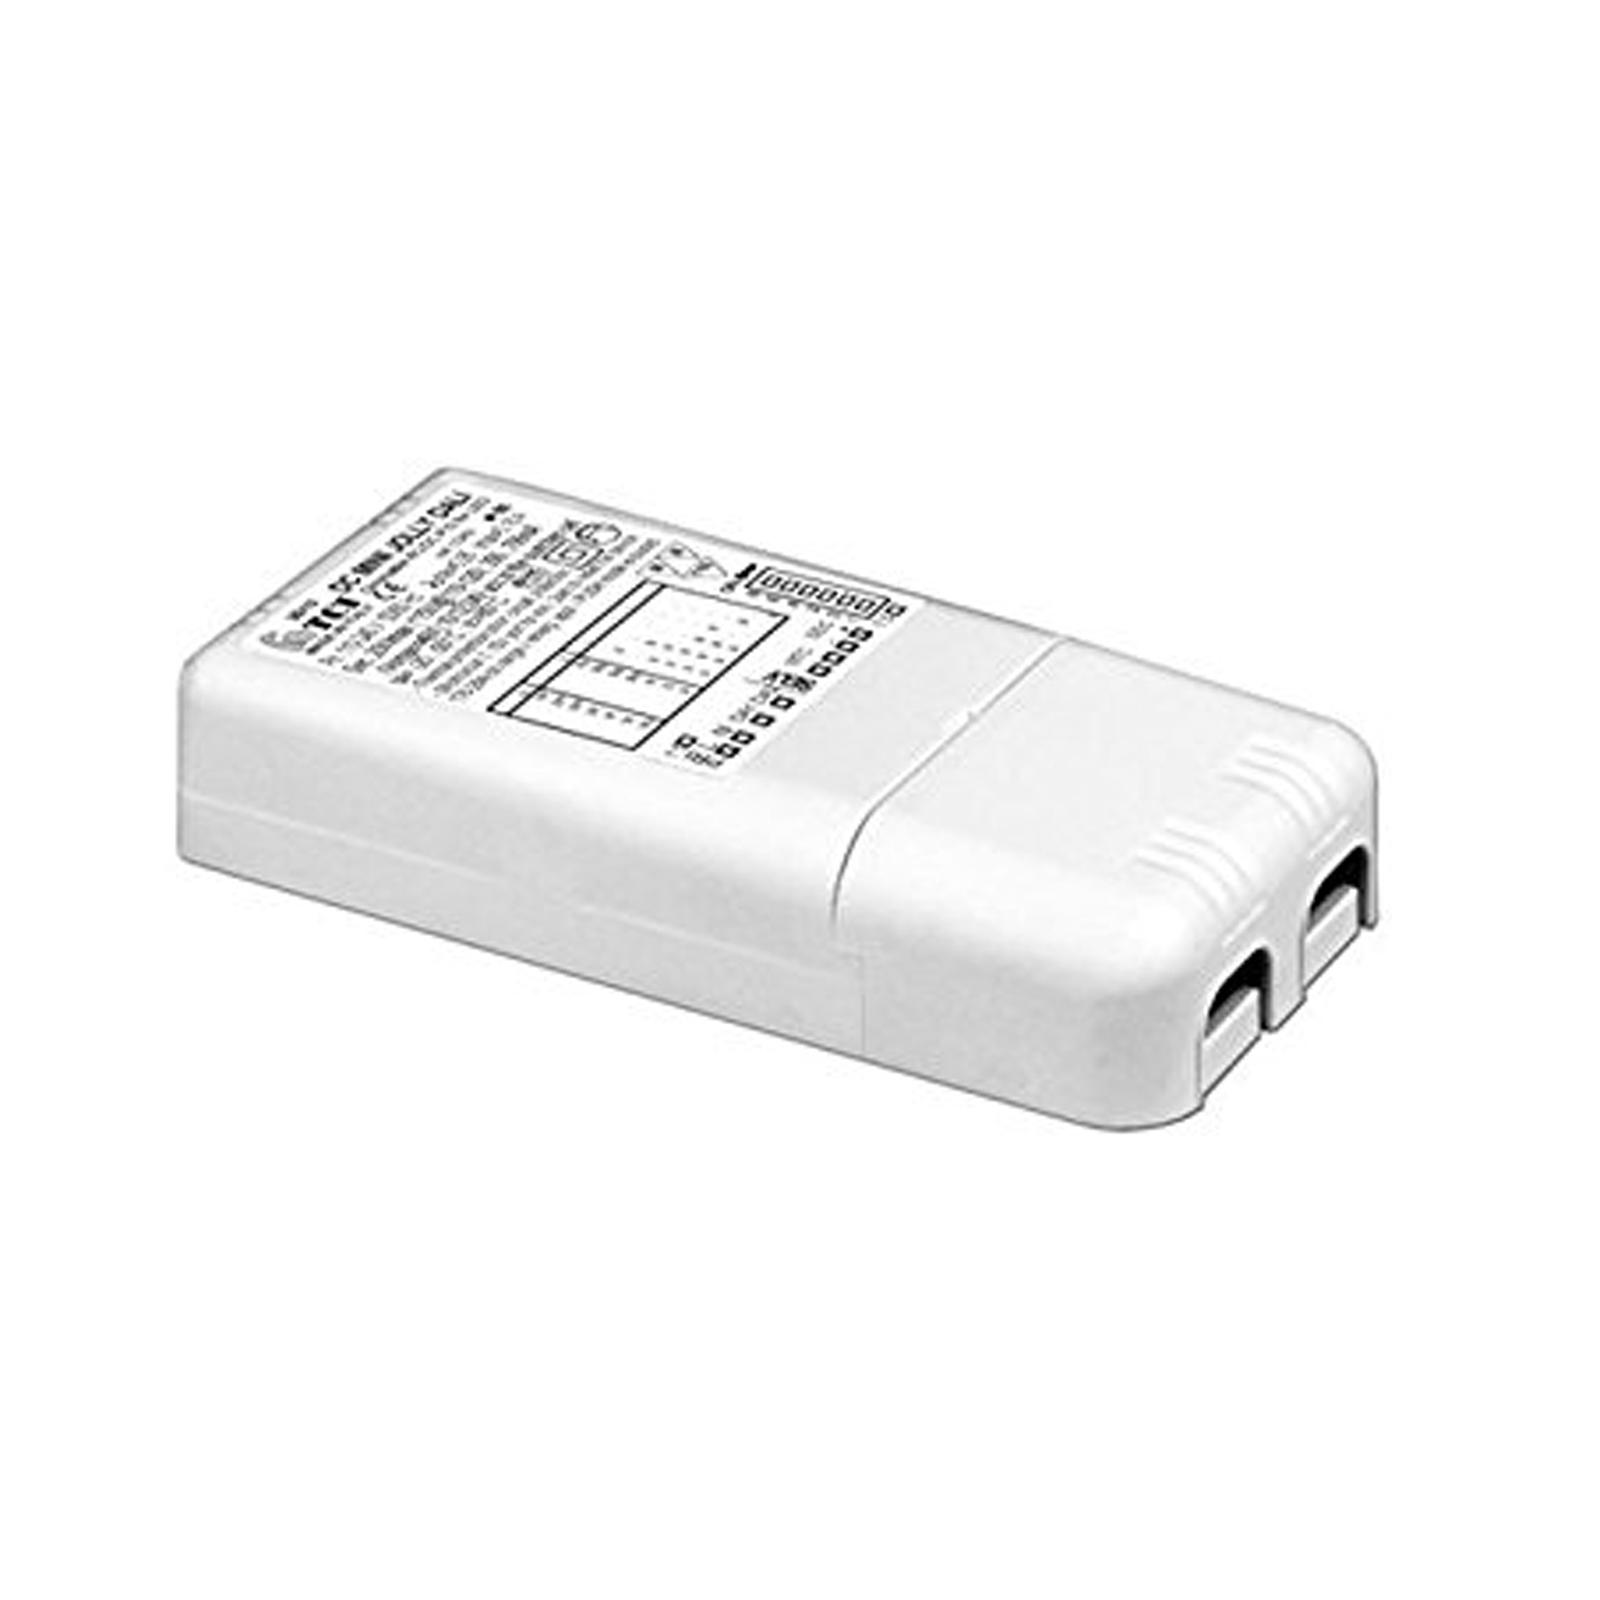 LED voedingseenheid 6301-04-068 20W dimbaar